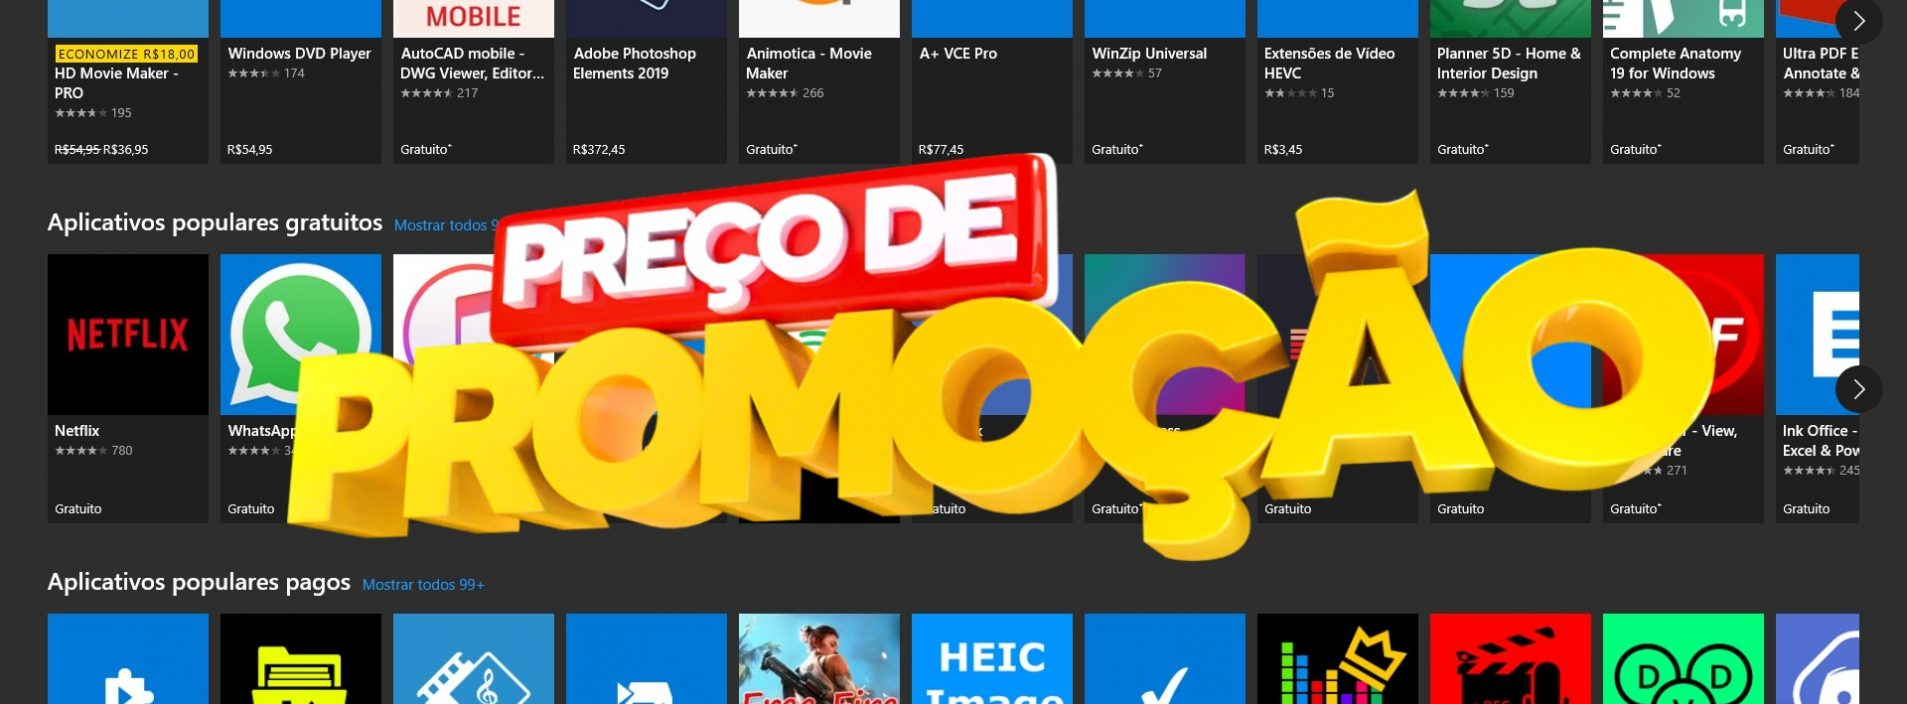 Ofertas especiais de apps na Microsoft Store para Windows 10